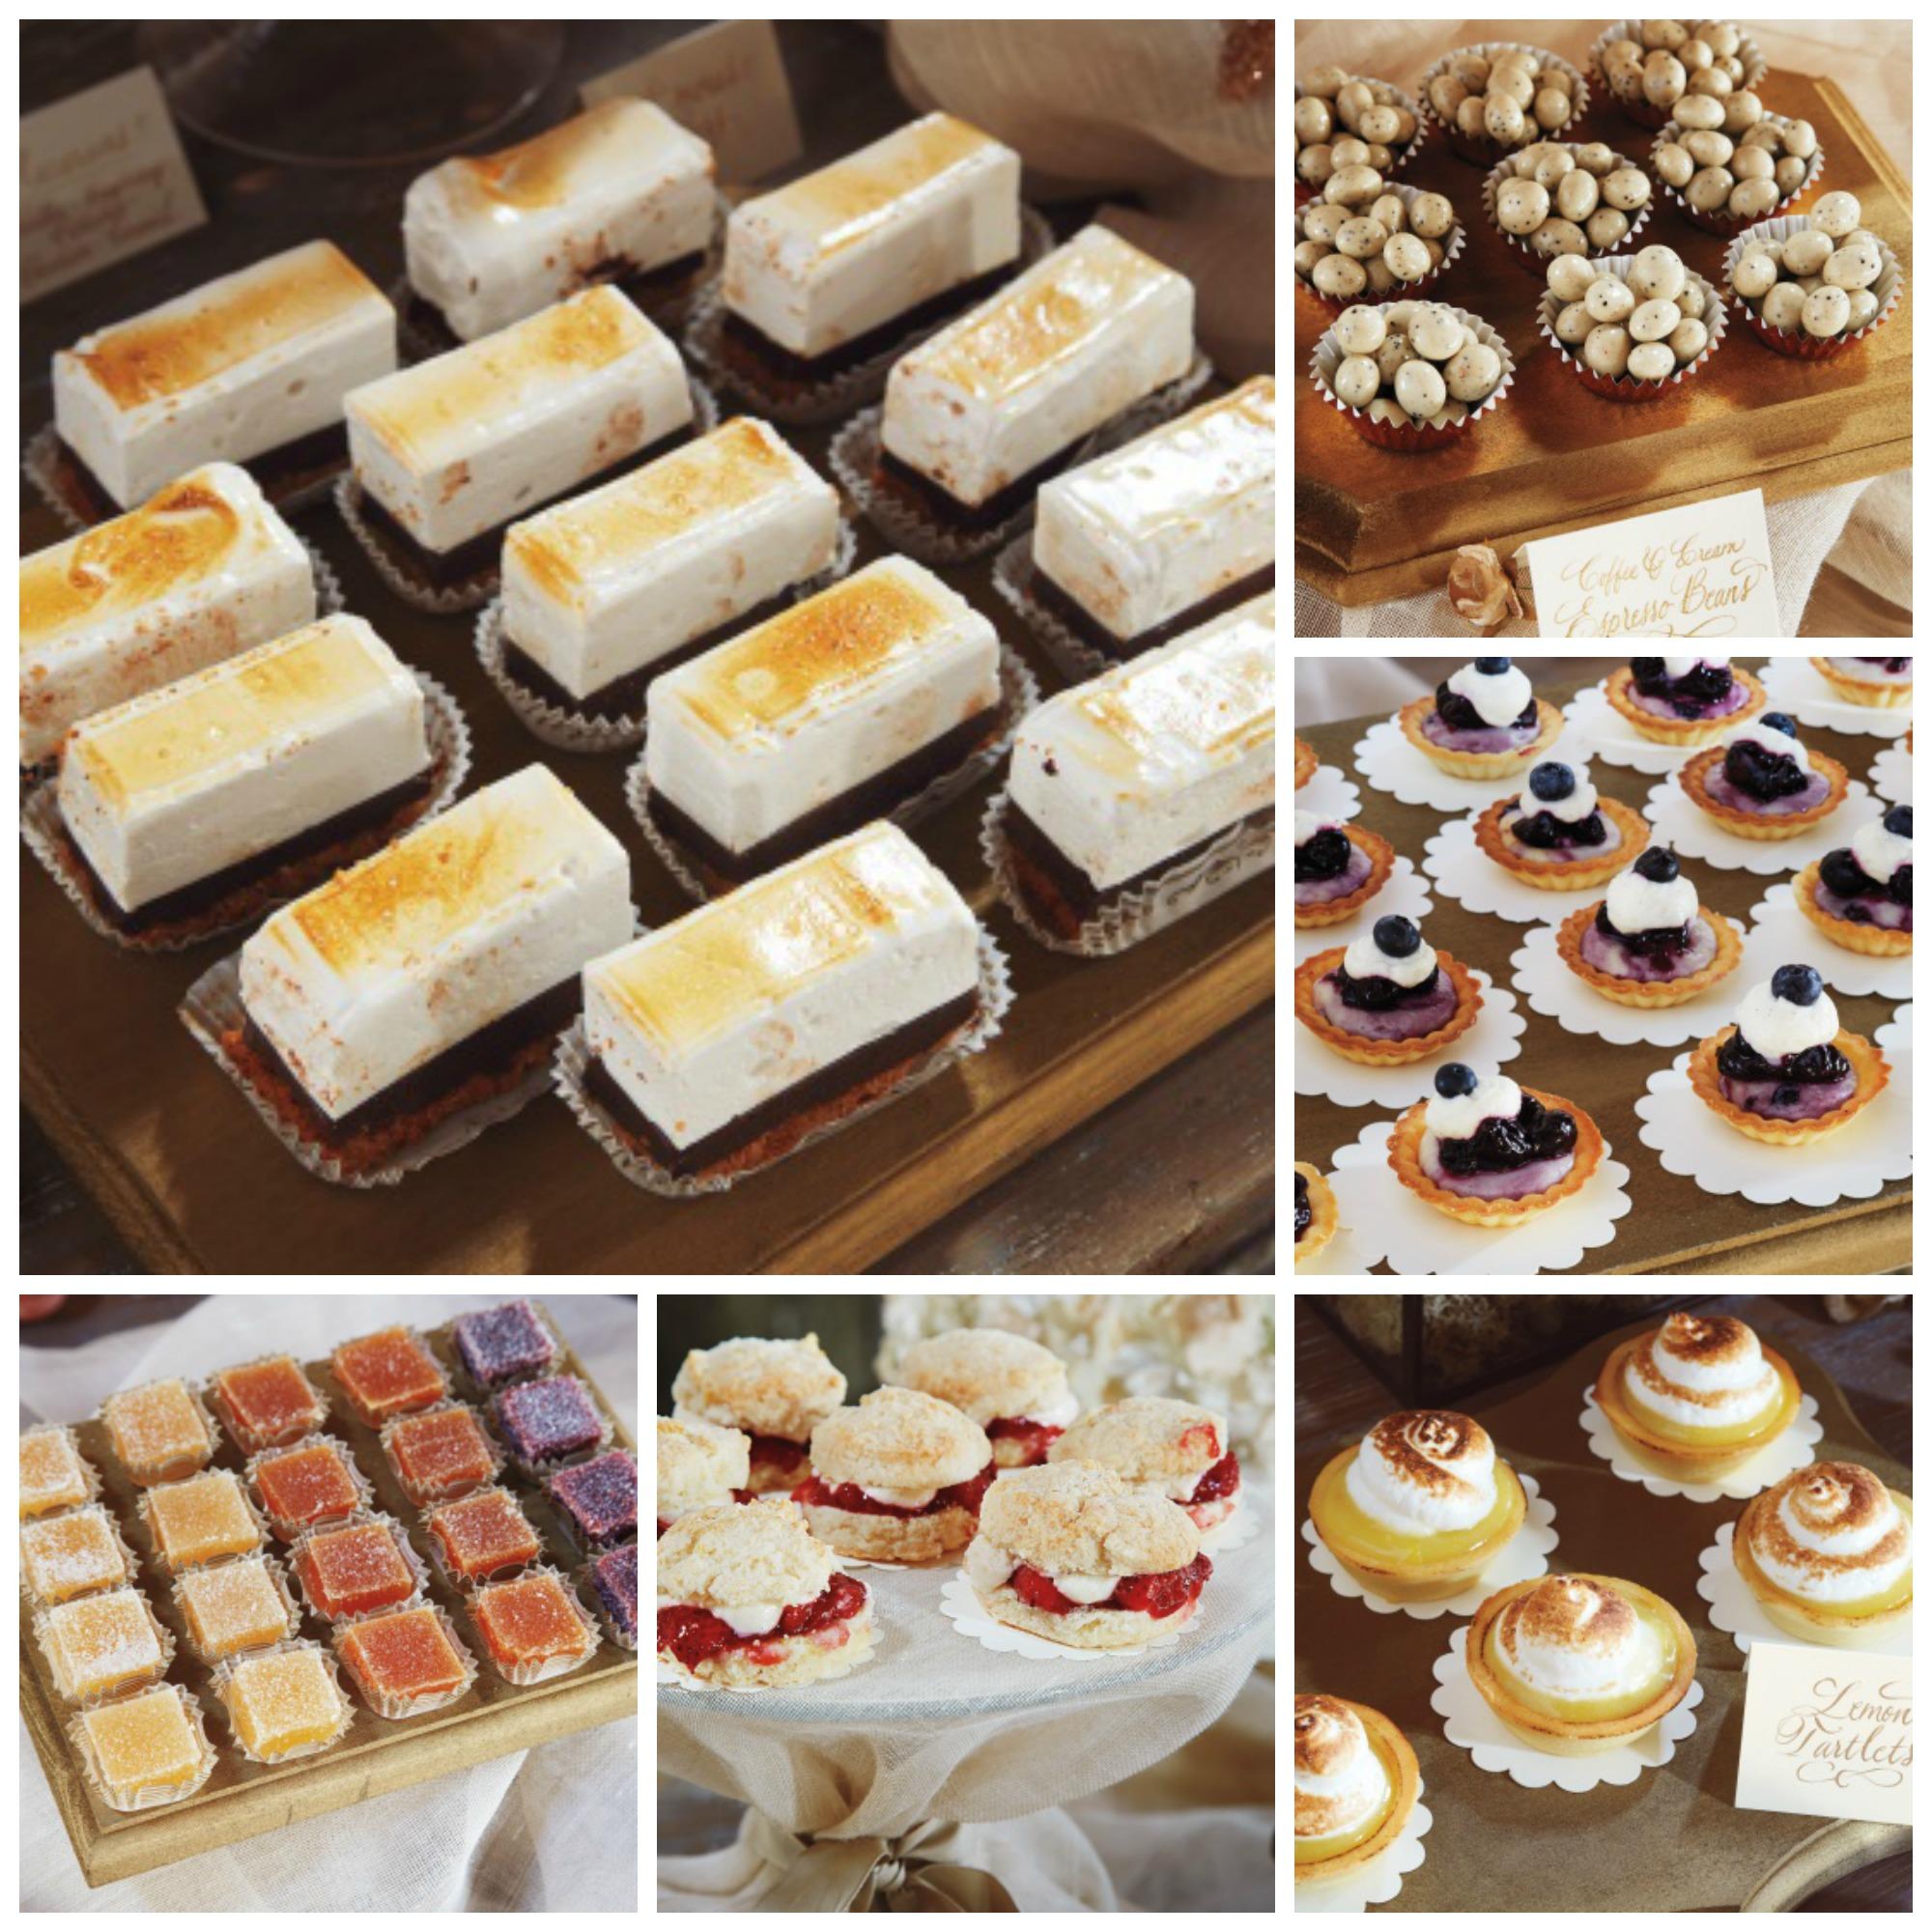 Reynolds/Lively Dessert Collage